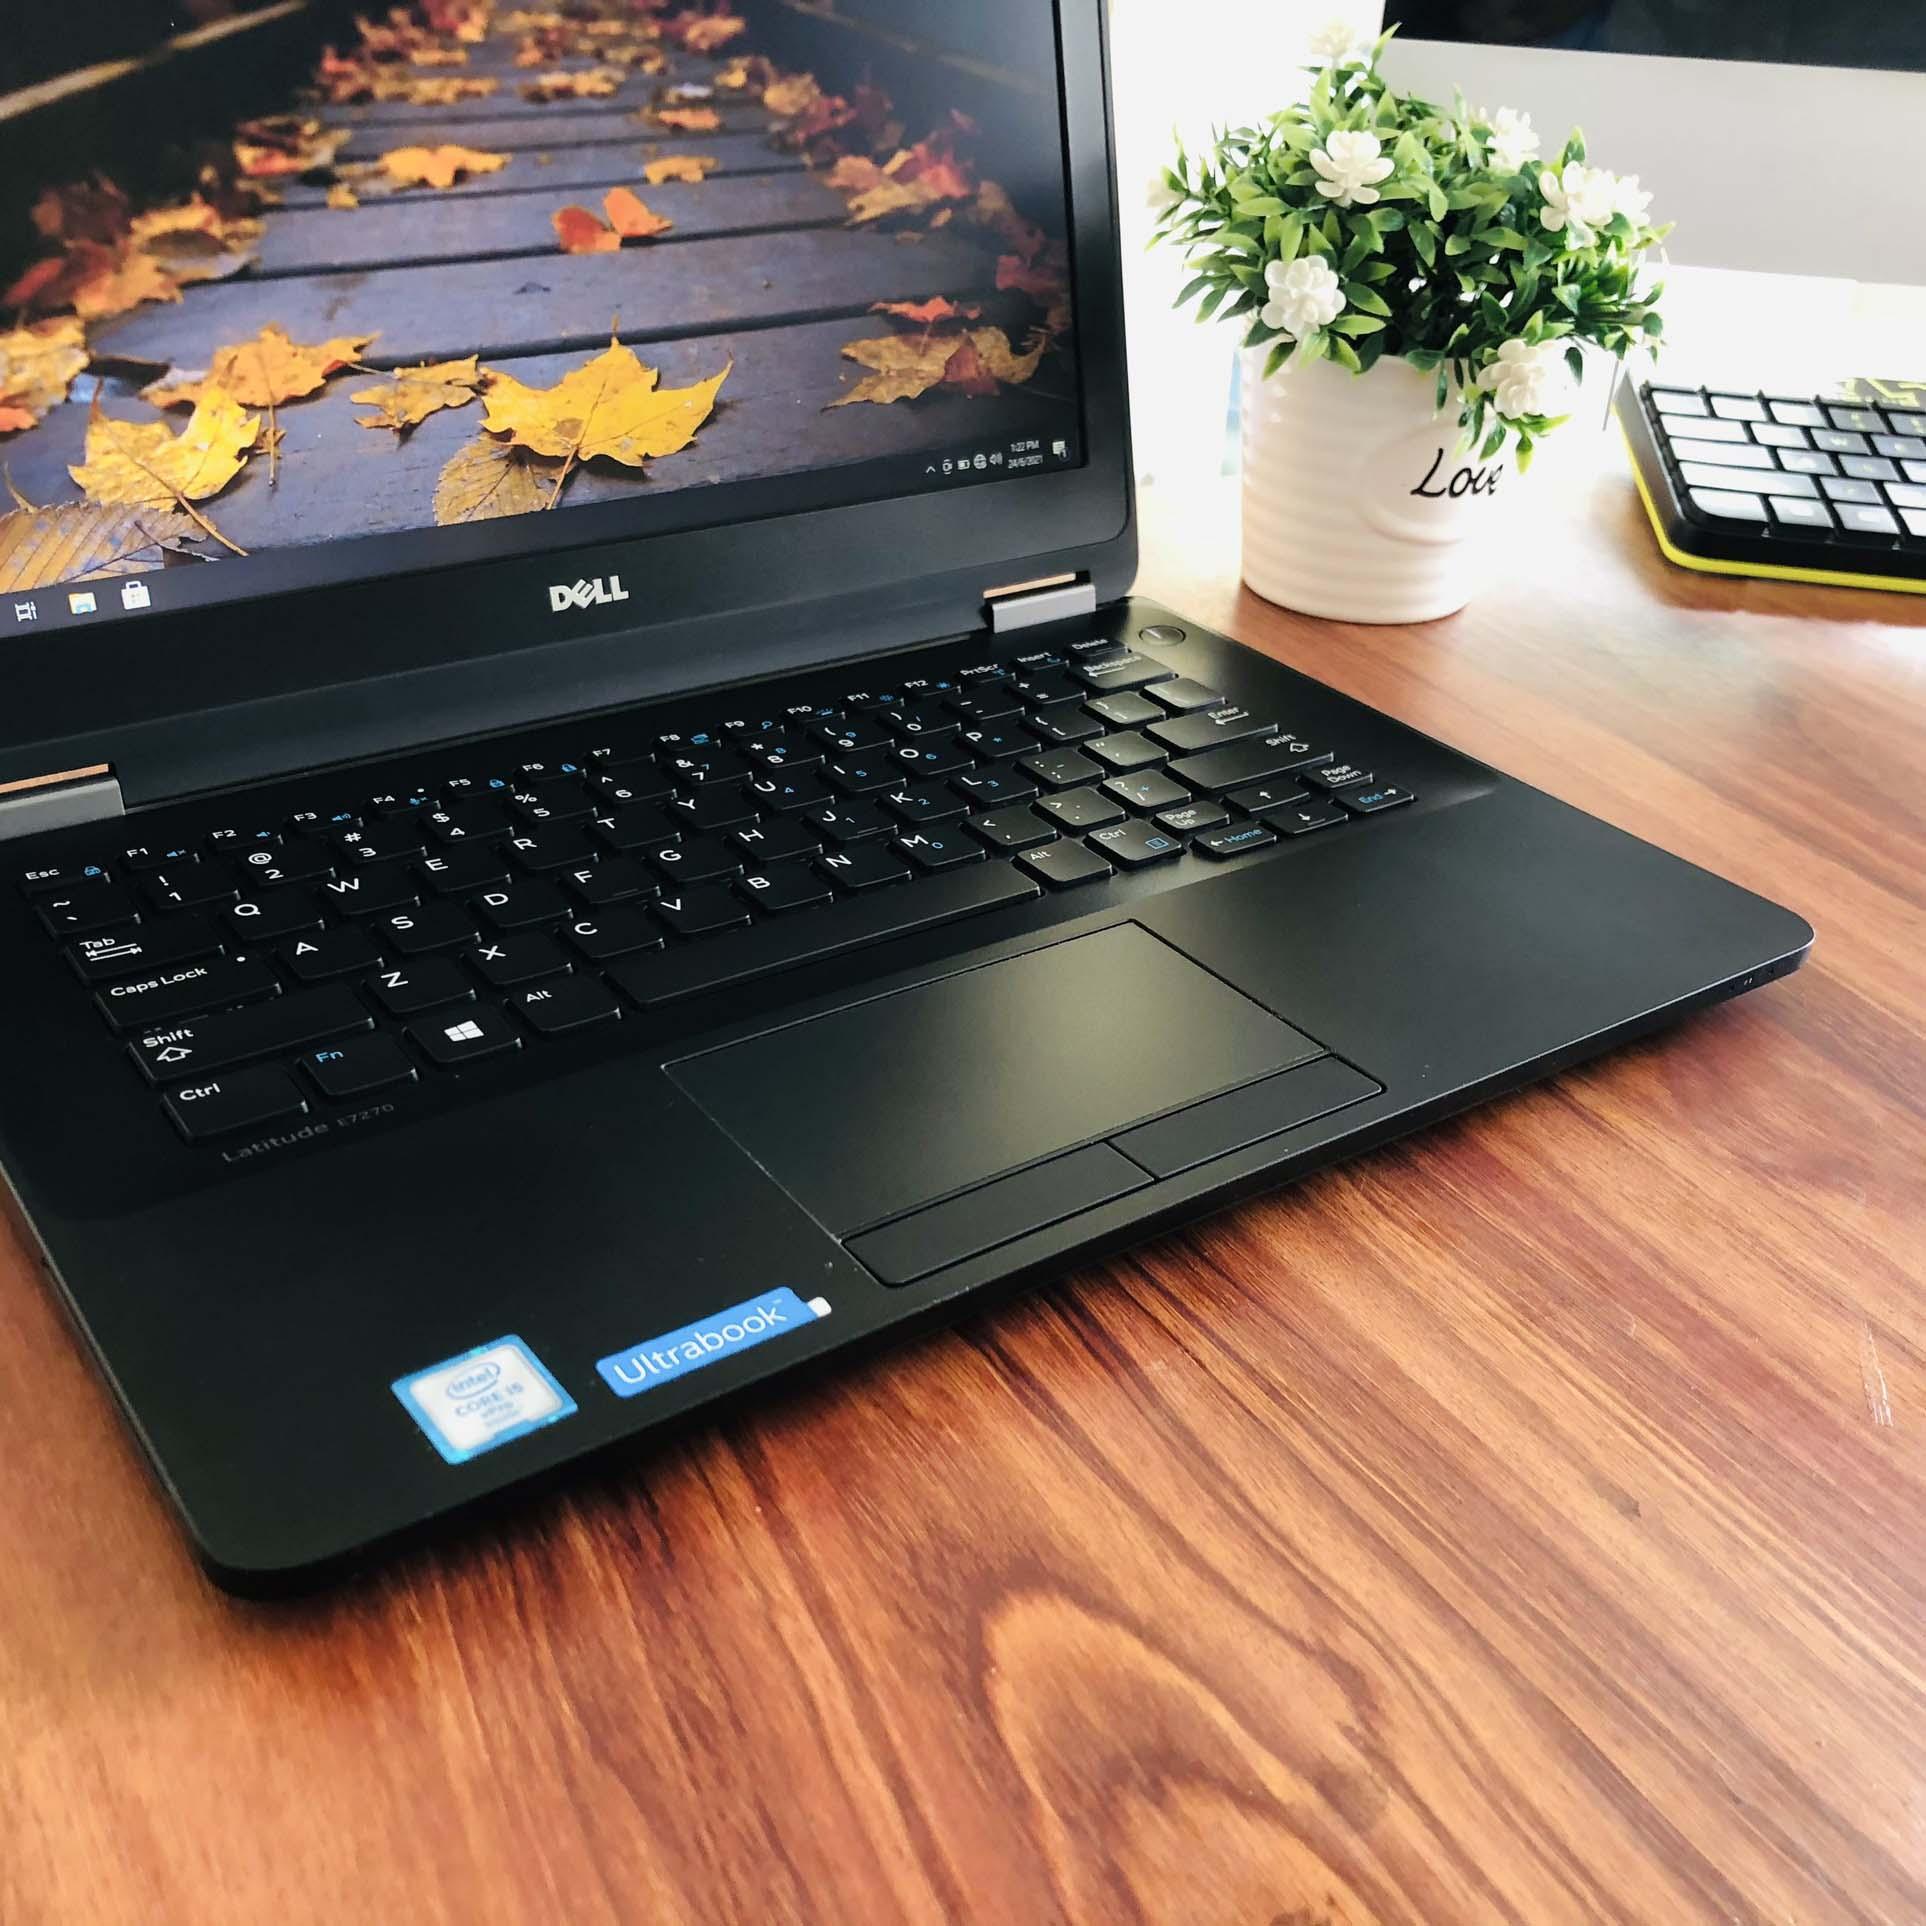 Dell Latitude E7270 Core i5